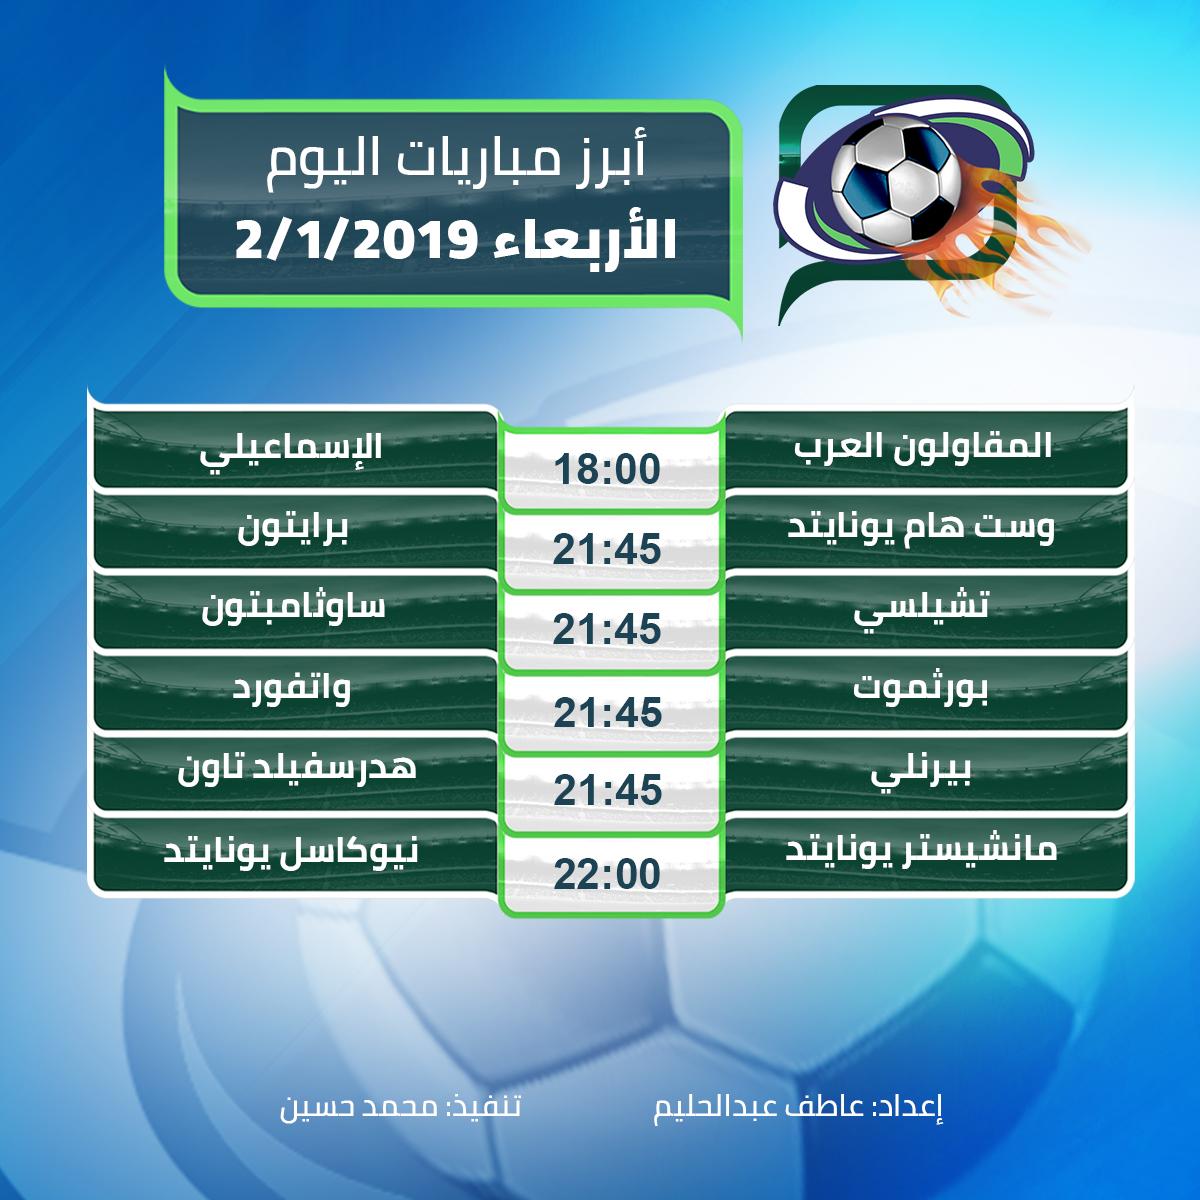 أبرز مباريات اليوم الأربعاء 02/1/2019